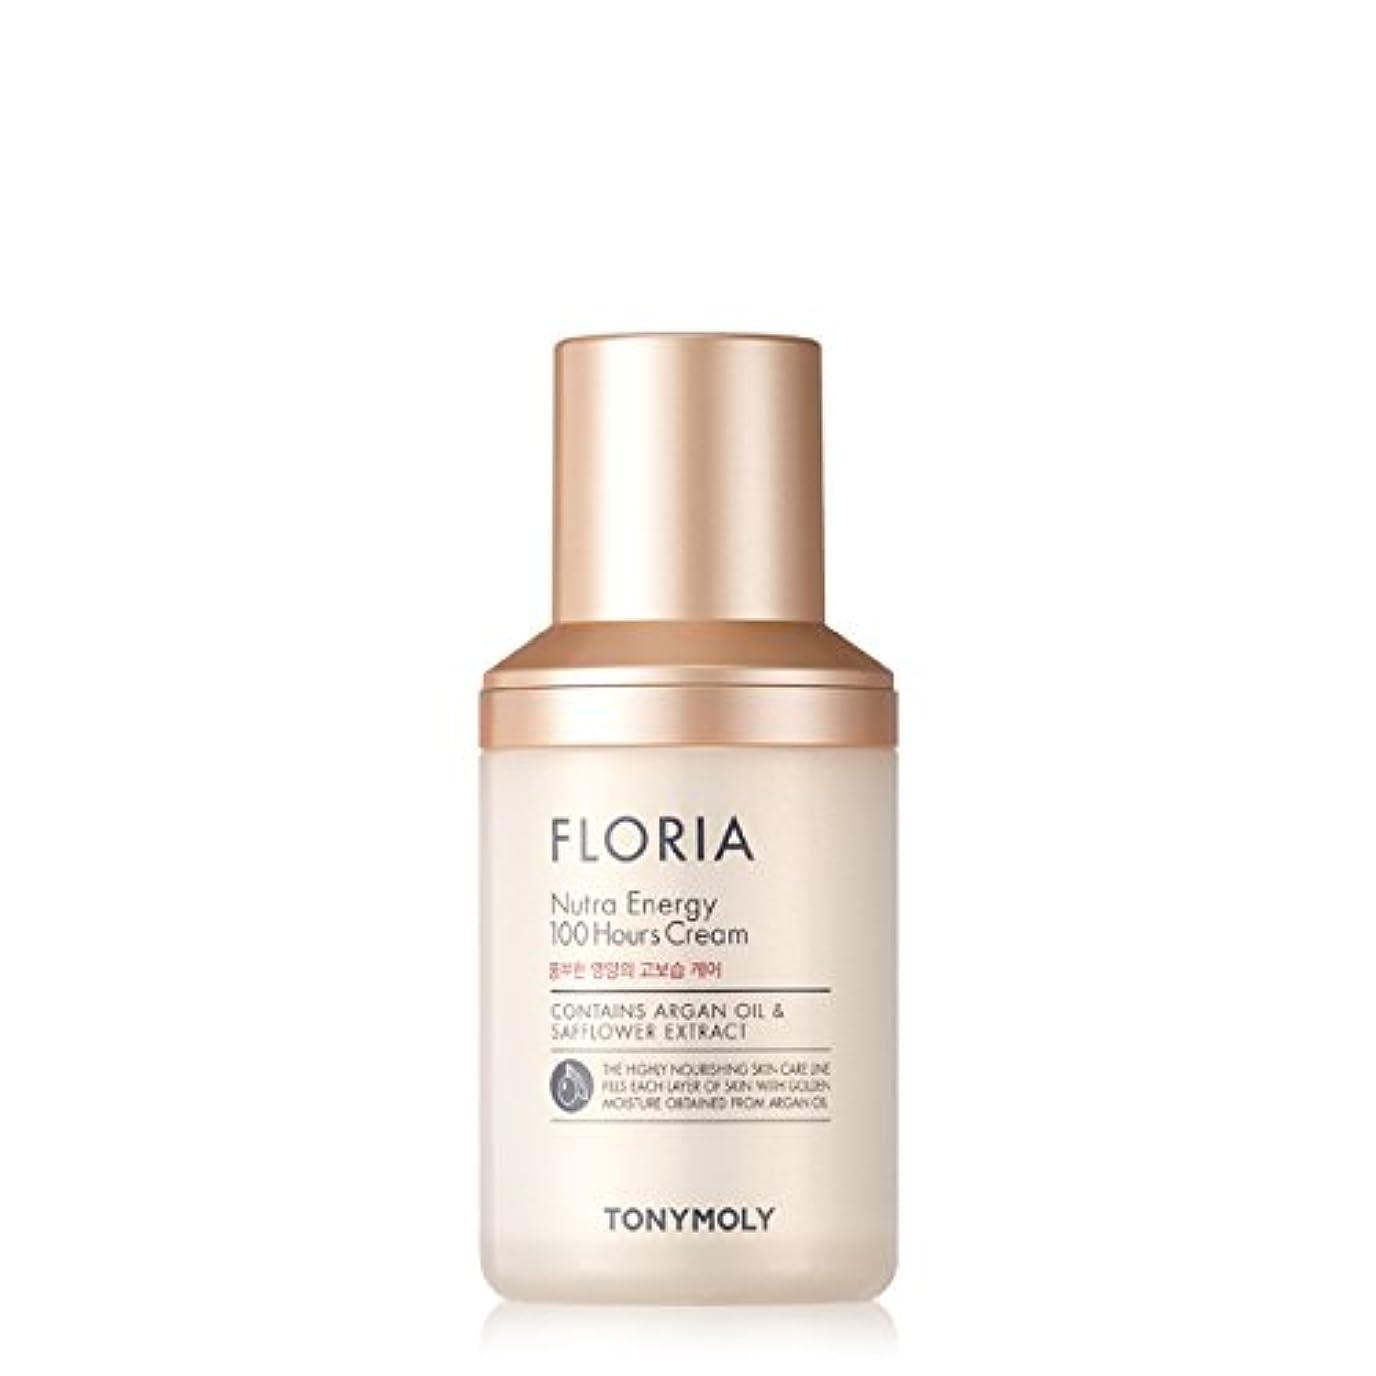 現実には欺東ティモール[NEW] TONY MOLY Floria Nutra energy 100 hours Cream 50ml トニーモリー フローリア ニュートラ エナジー 100時間 クリーム 50ml [並行輸入品]